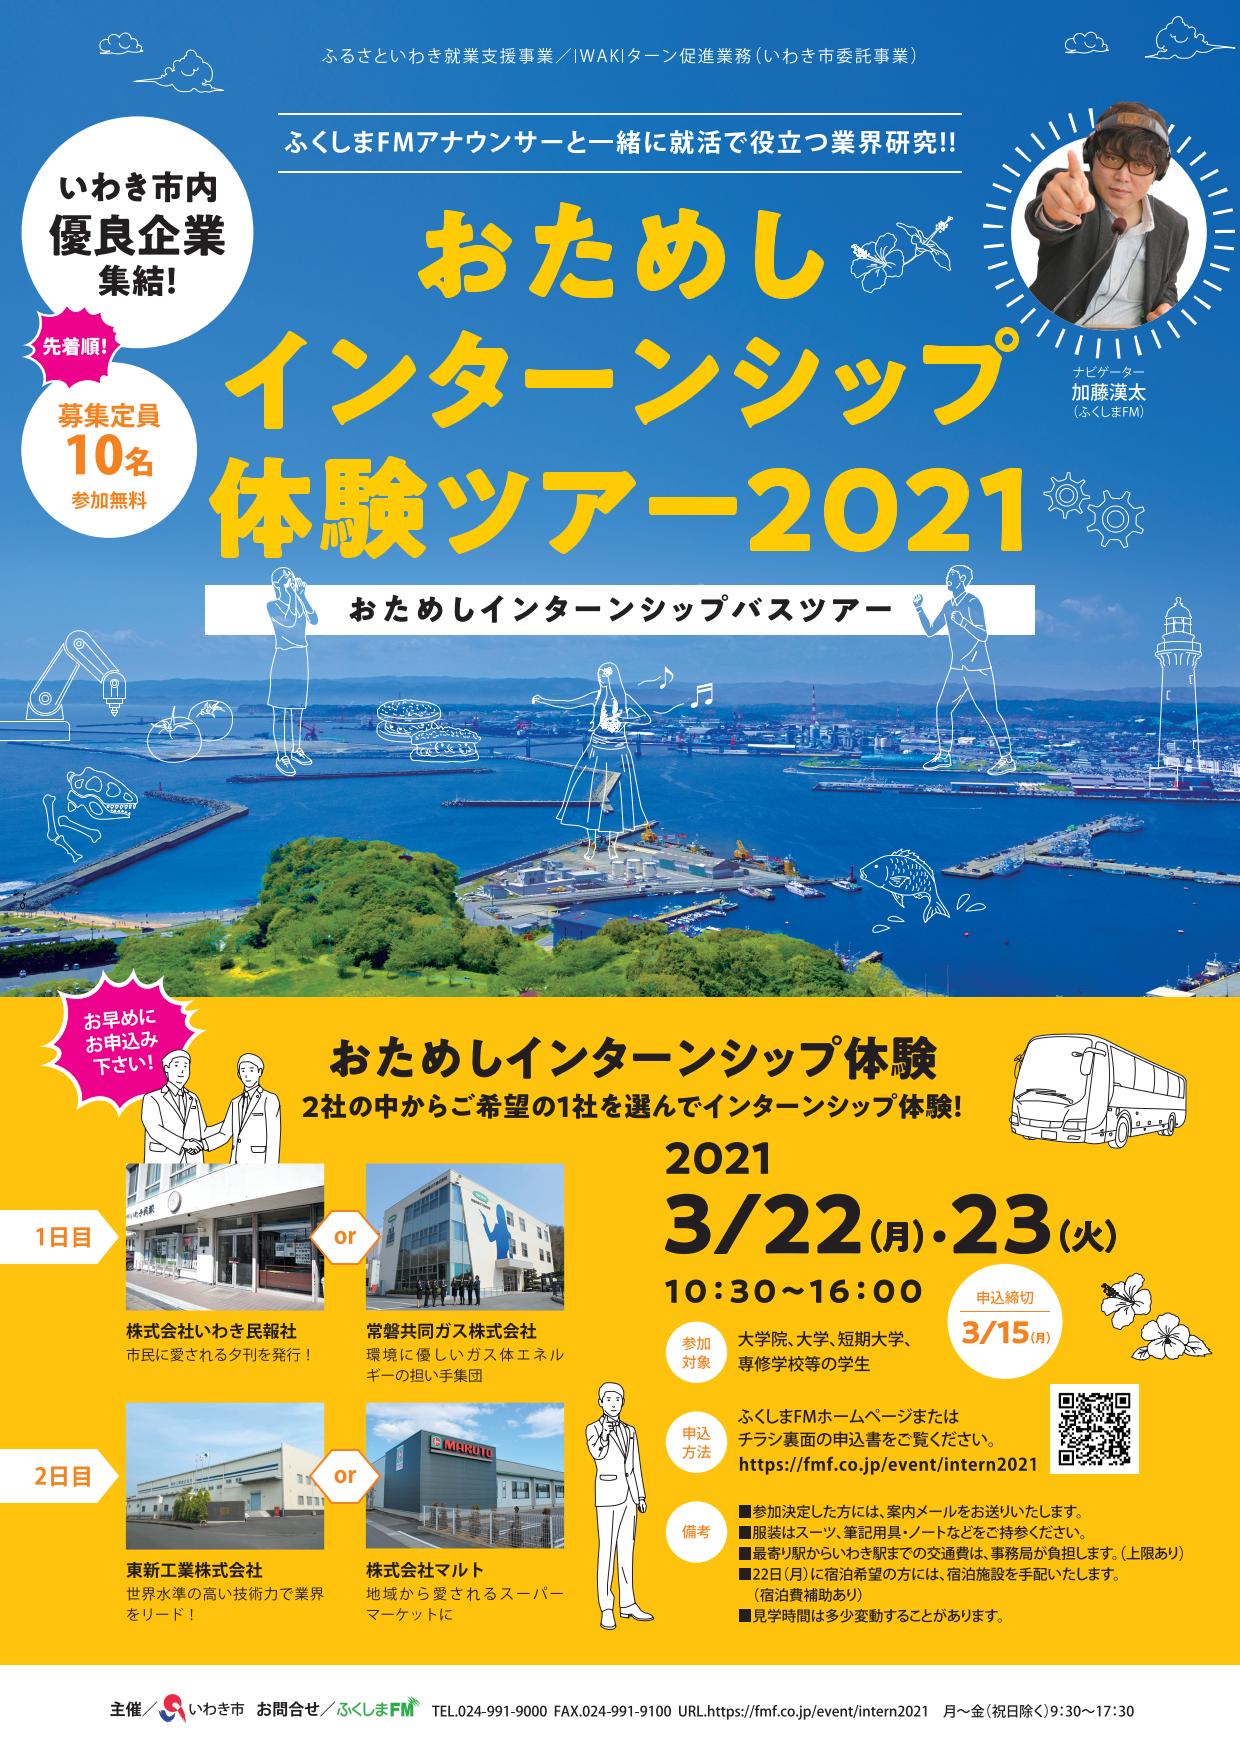 おためしインターンシップ体験ツアー2021【2日間】